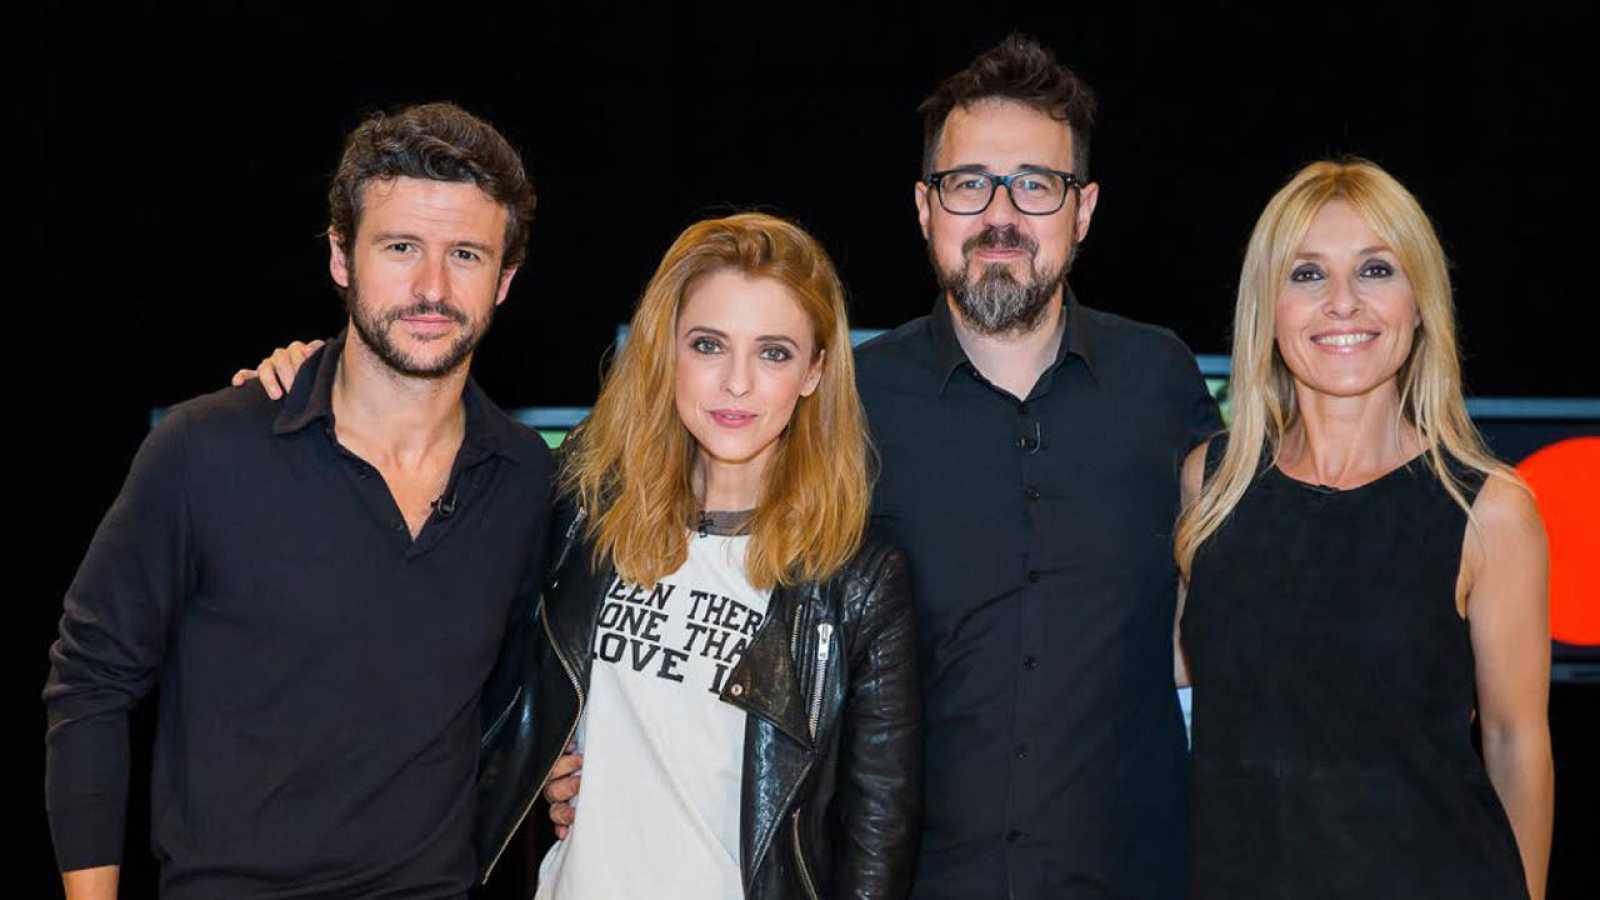 Cayetana Guillén Cuervo con Paco Plaza, Leticia Dolera y Diego Martín